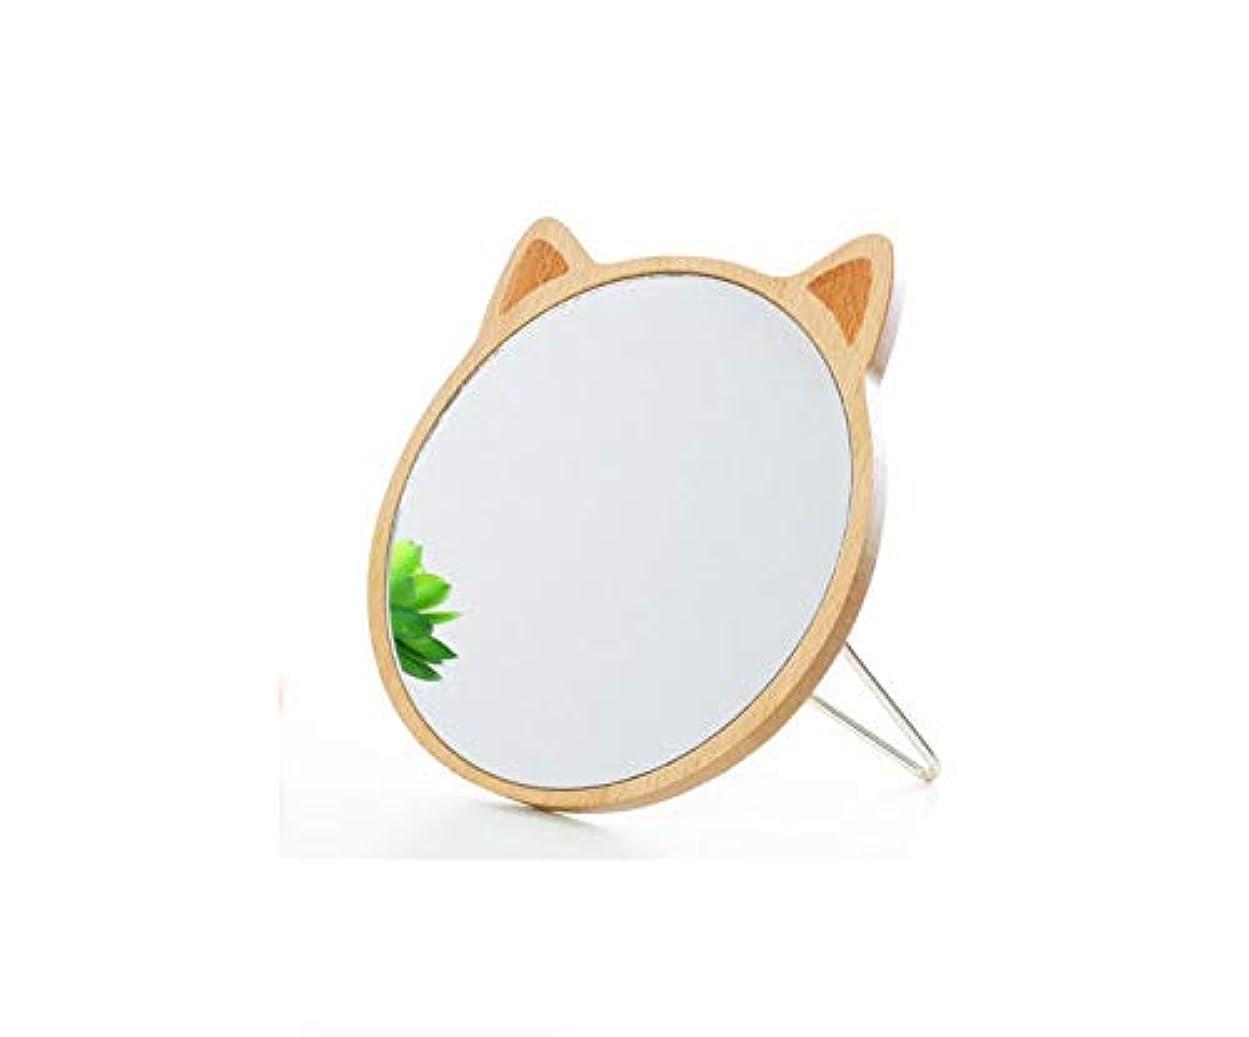 ポーク親指フリル化粧鏡、かわいい丸い猫の耳木製化粧鏡化粧ギフト